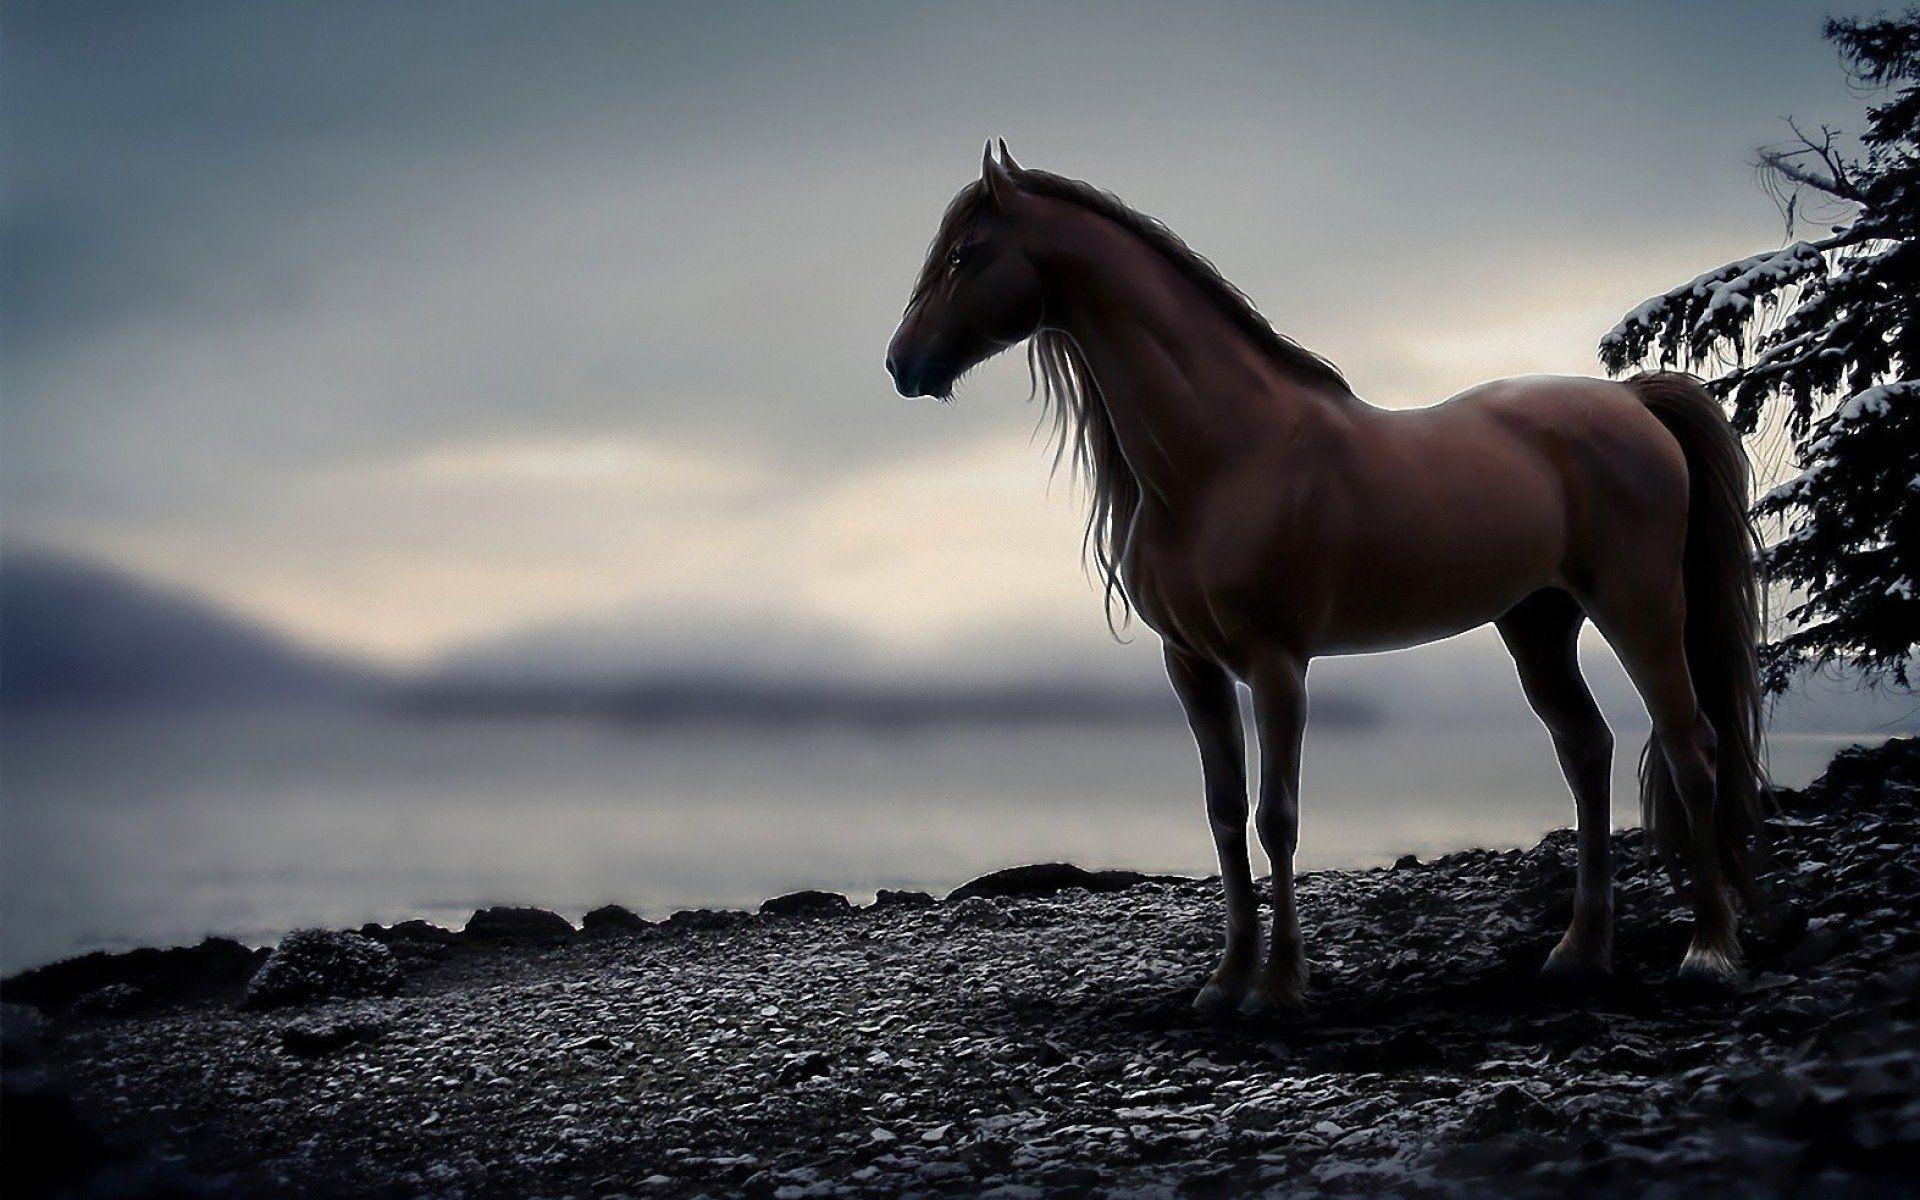 Horse Riding HD desktop wallpaper High Definition Fullscreen